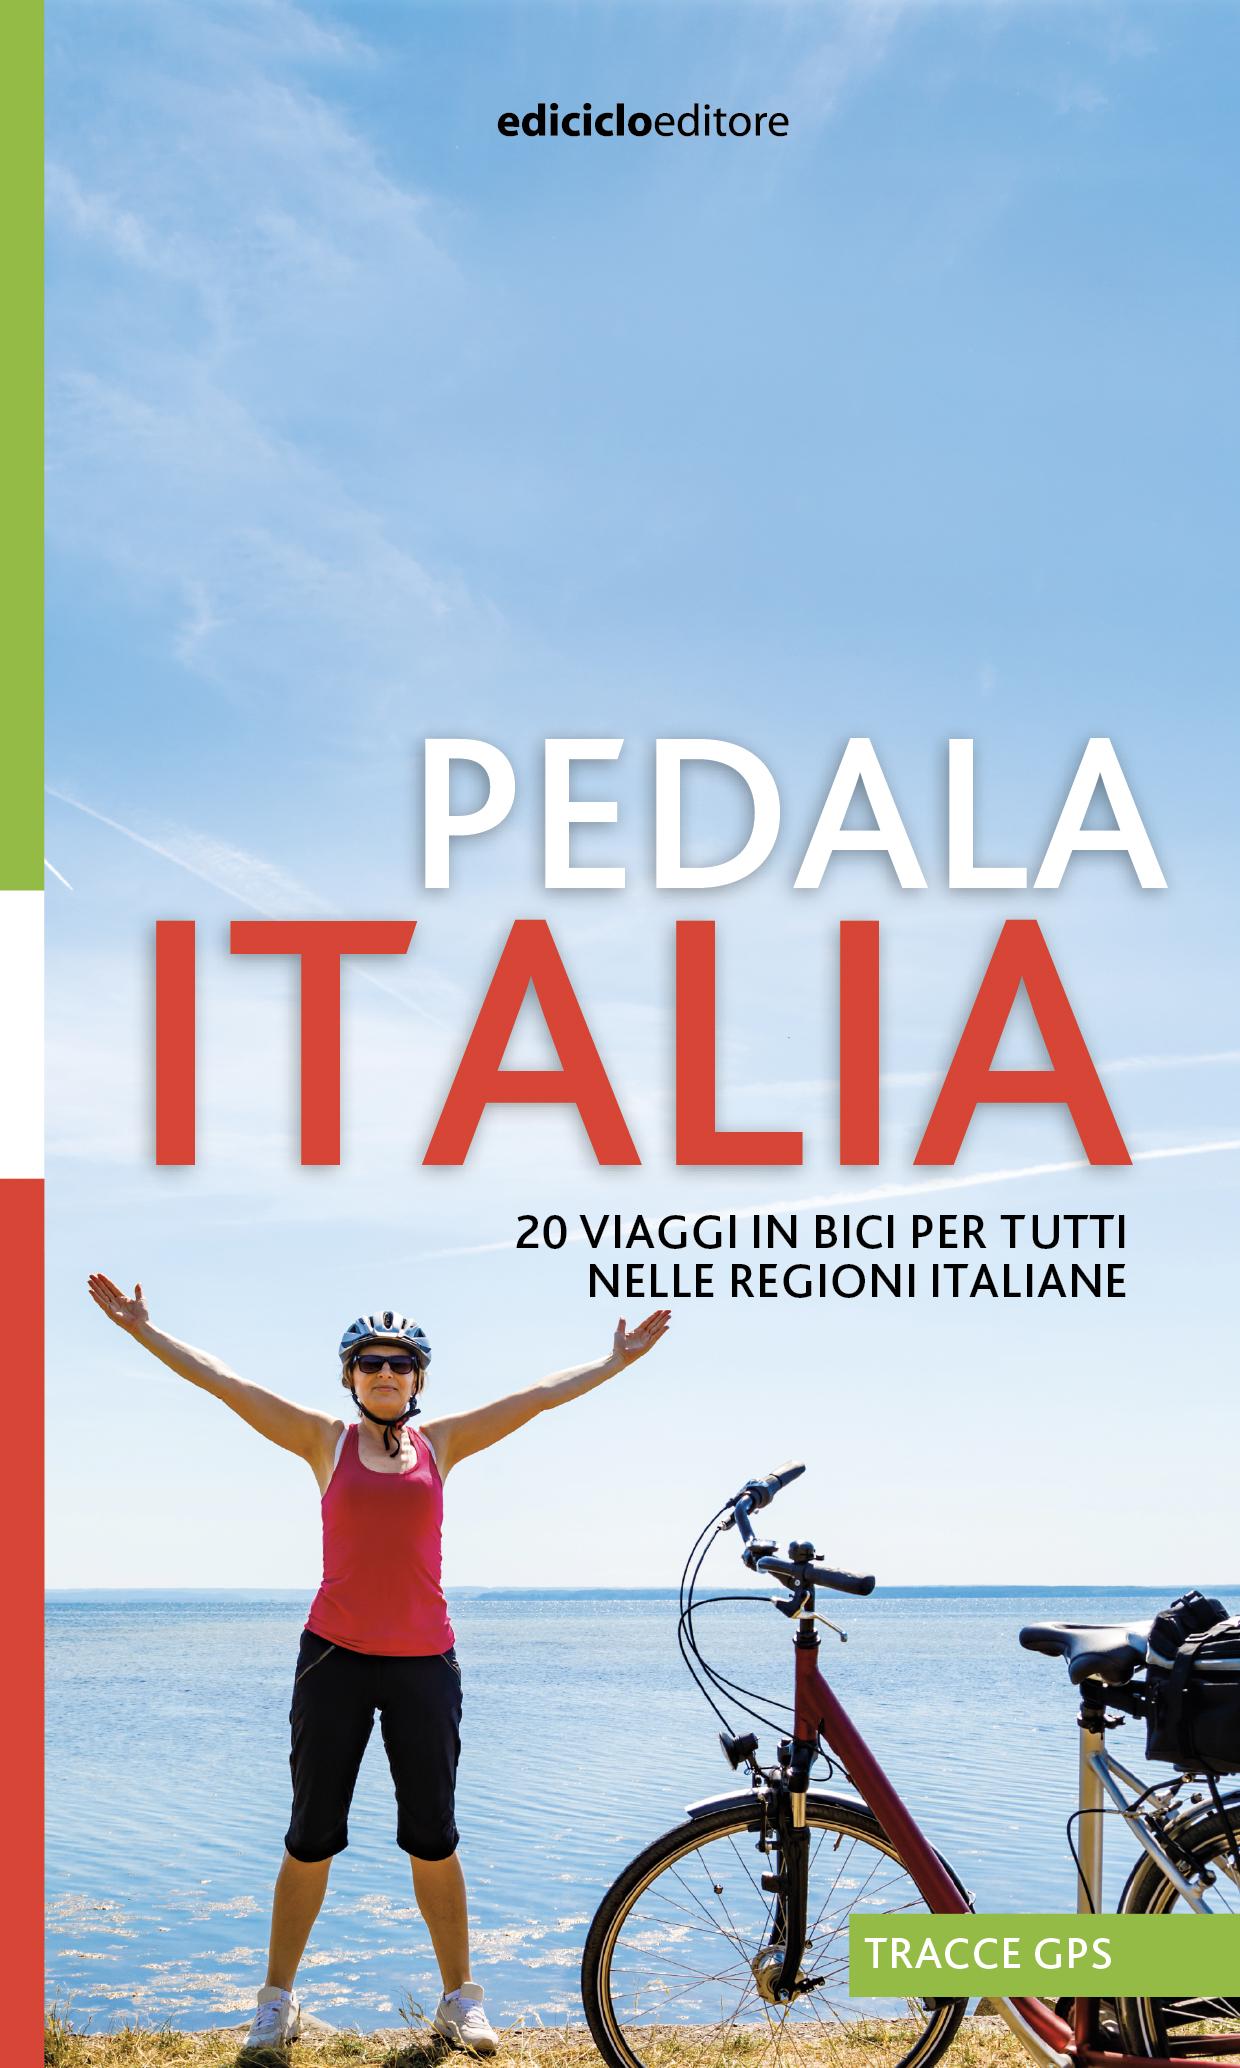 Pedala Italia, il volume de Il Sole 24 Ore dedicato al cicloturismo in Italia